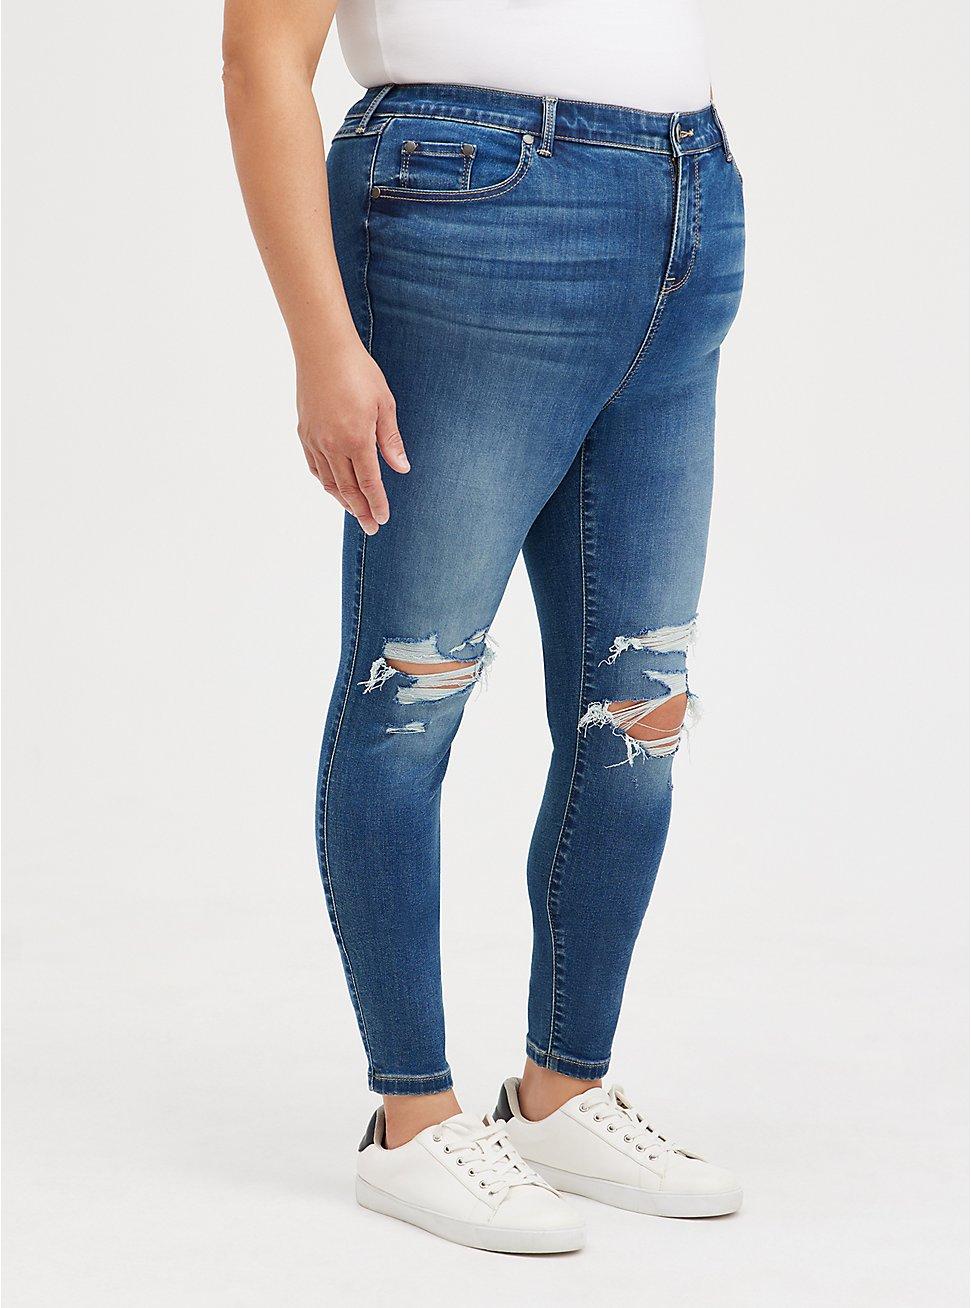 Midfit Super Skinny Jean - Super Soft Medium Wash, LONGSHORE, hi-res